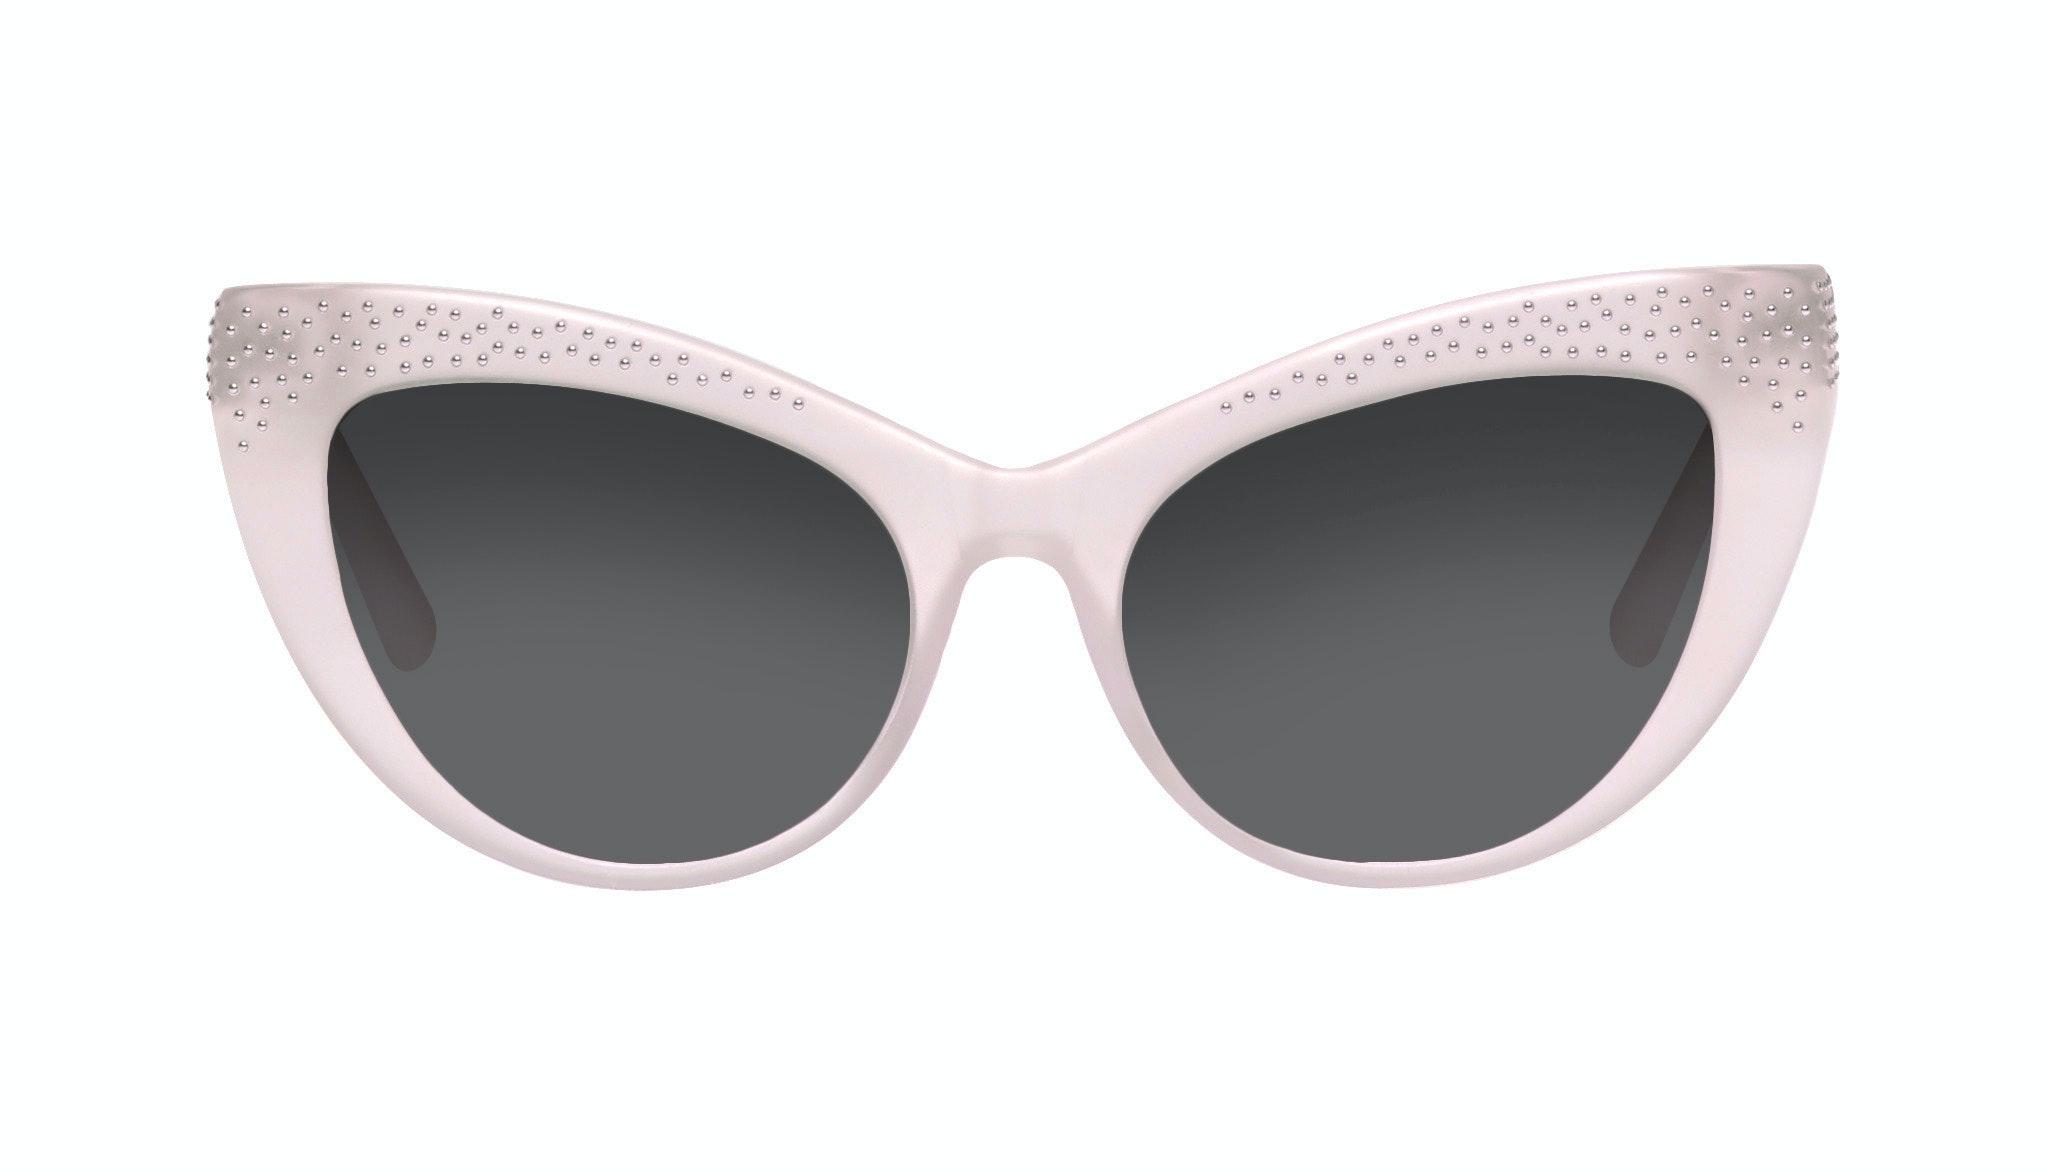 Lunettes tendance Oeil de chat Daring Cateye Lunettes de soleil Femmes Keiko Barbie Pink Face